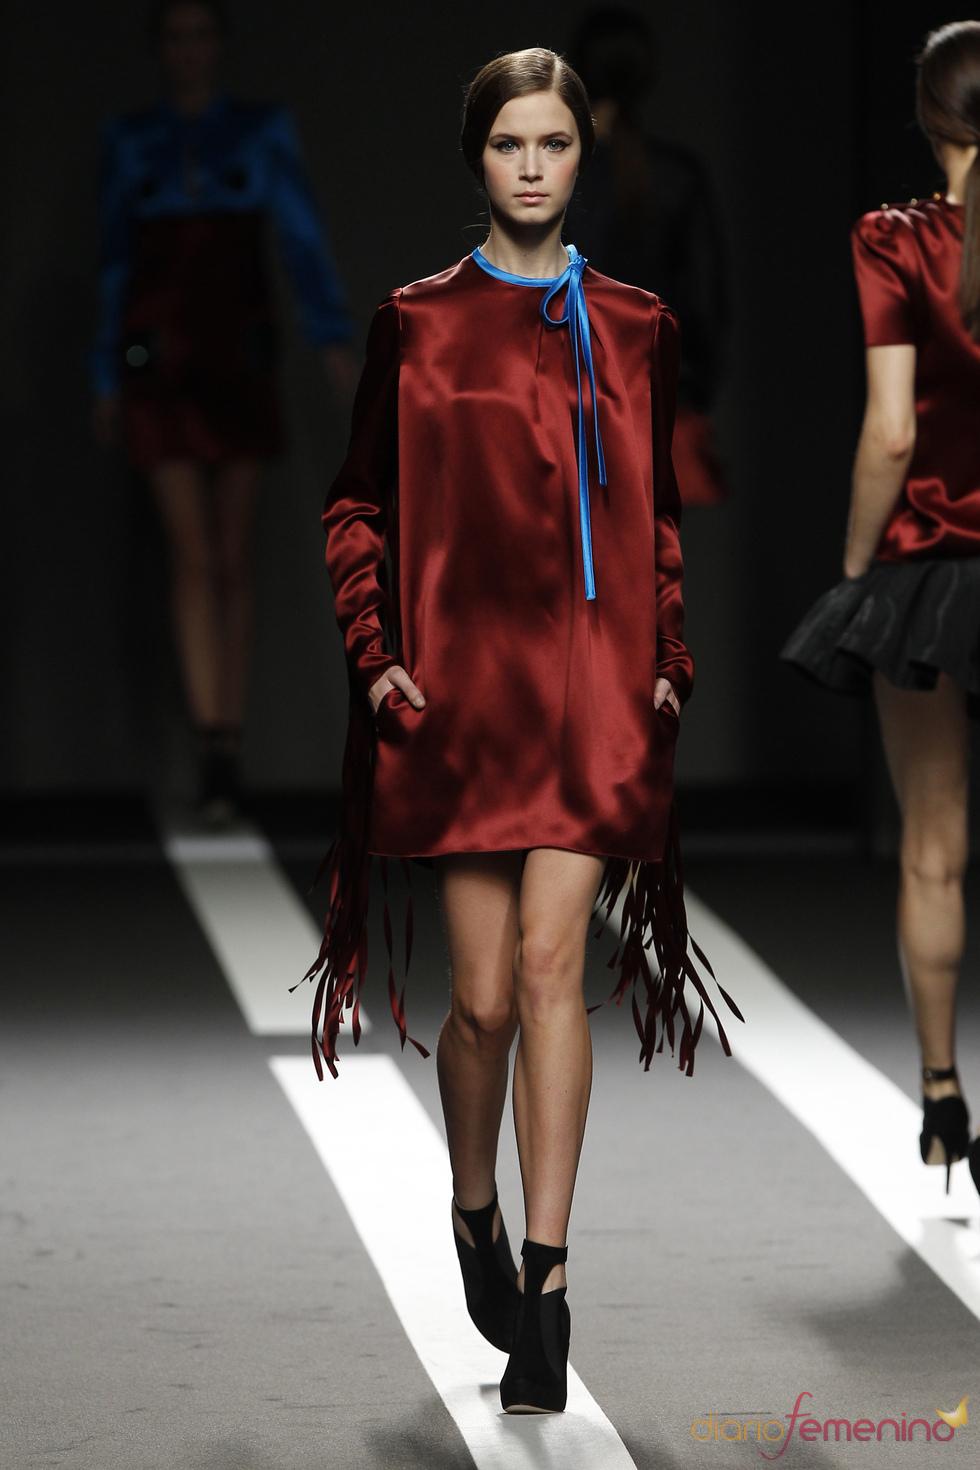 Vestido granate tiras con lazo azul. Miguel Palacio. Cibeles Madrid Fashion Week 2011